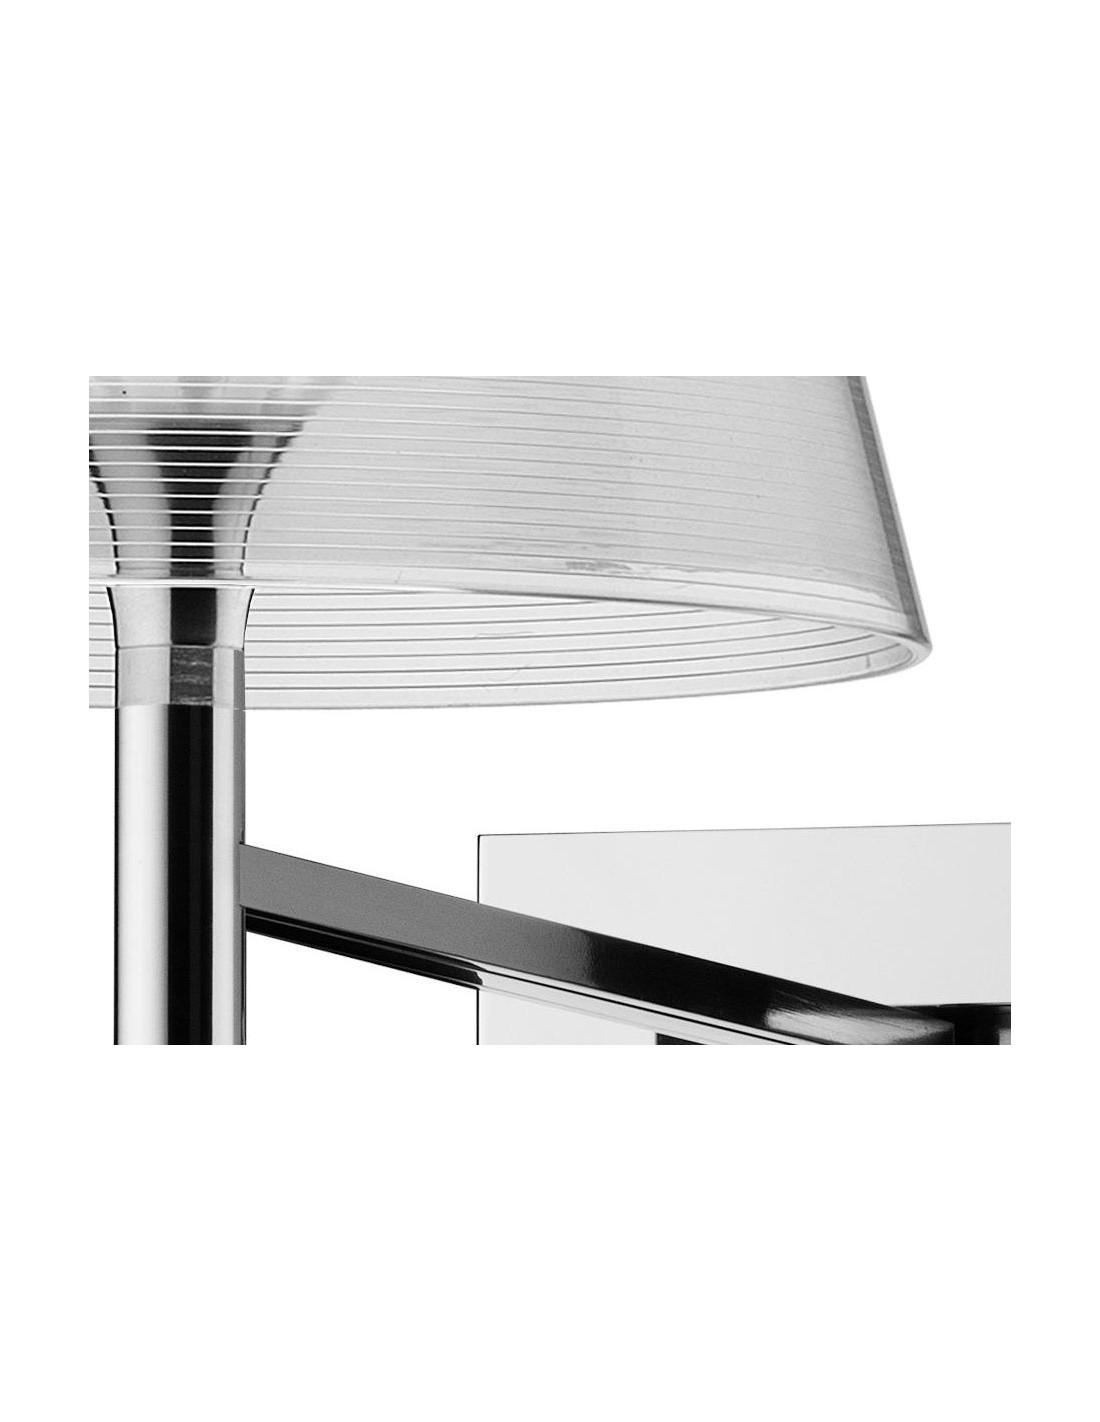 applique flos ktribe w d tail le fabricant de luminaires haut de gamme flos. Black Bedroom Furniture Sets. Home Design Ideas